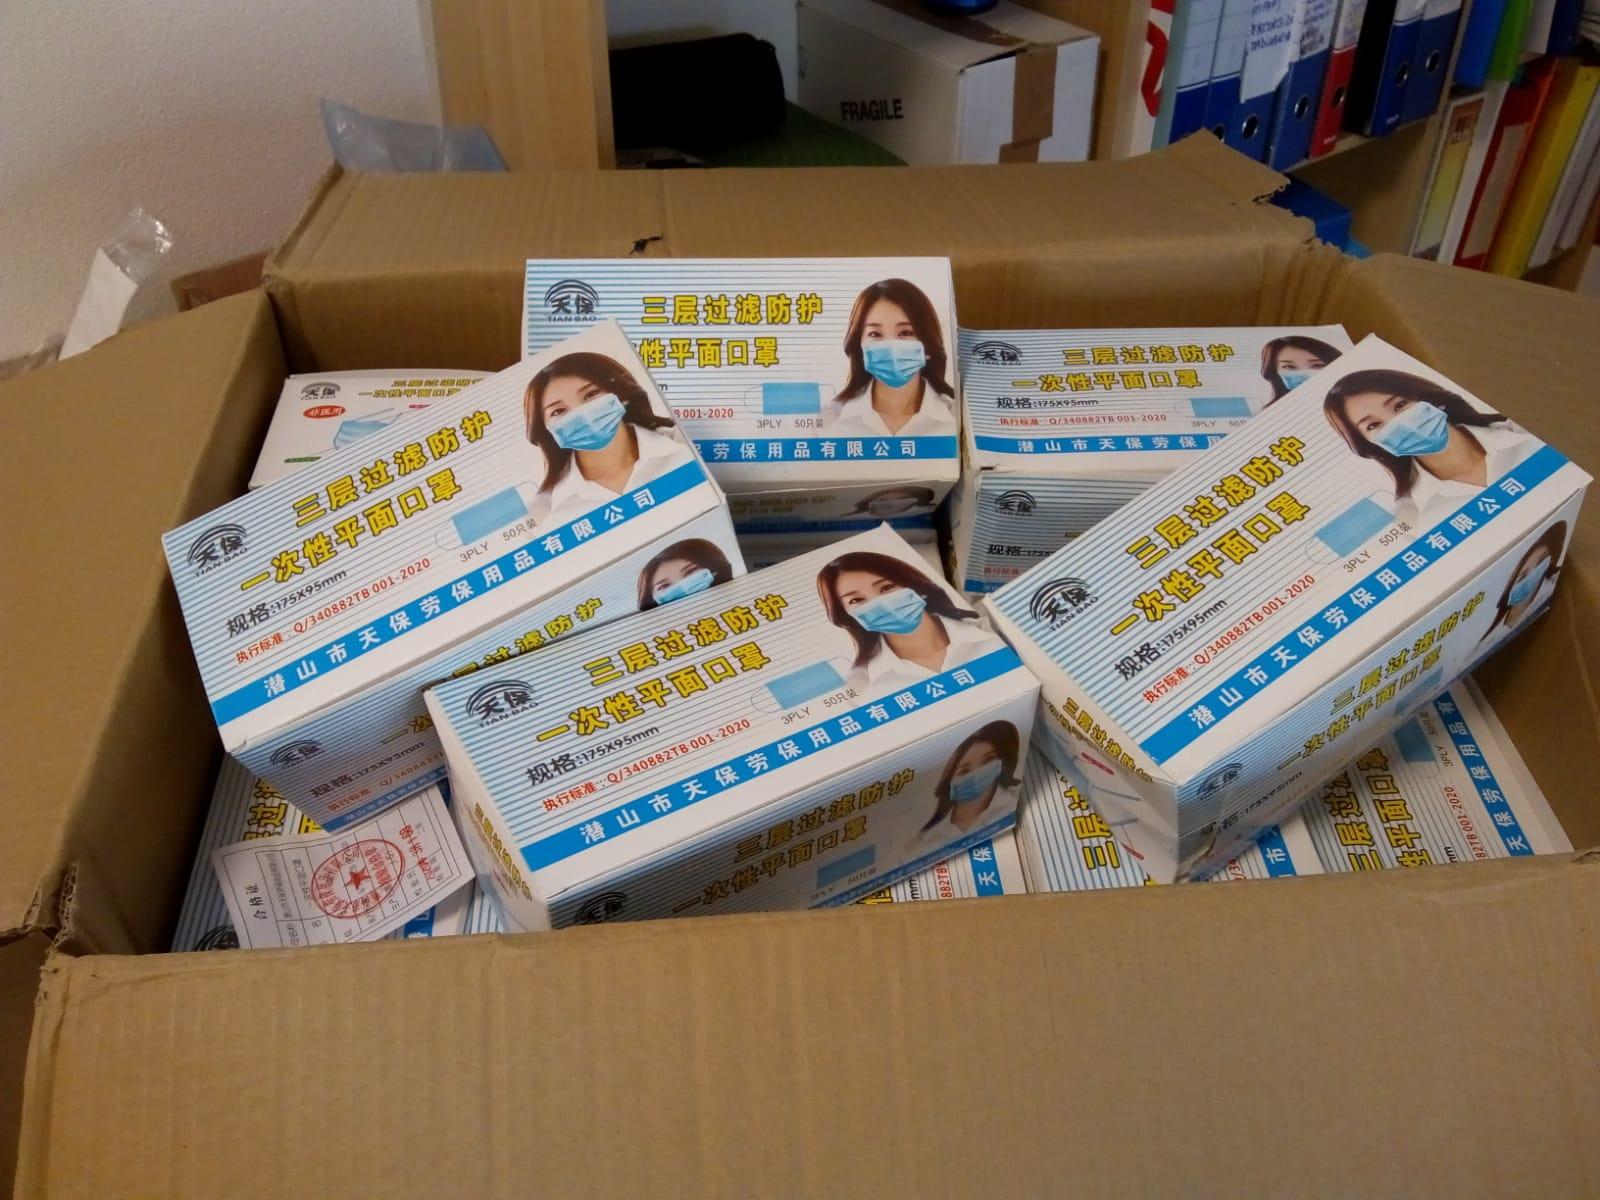 La Diocesi di Ningxia (Cina) ha donato 6mila mascherine alla Diocesi di Lucca